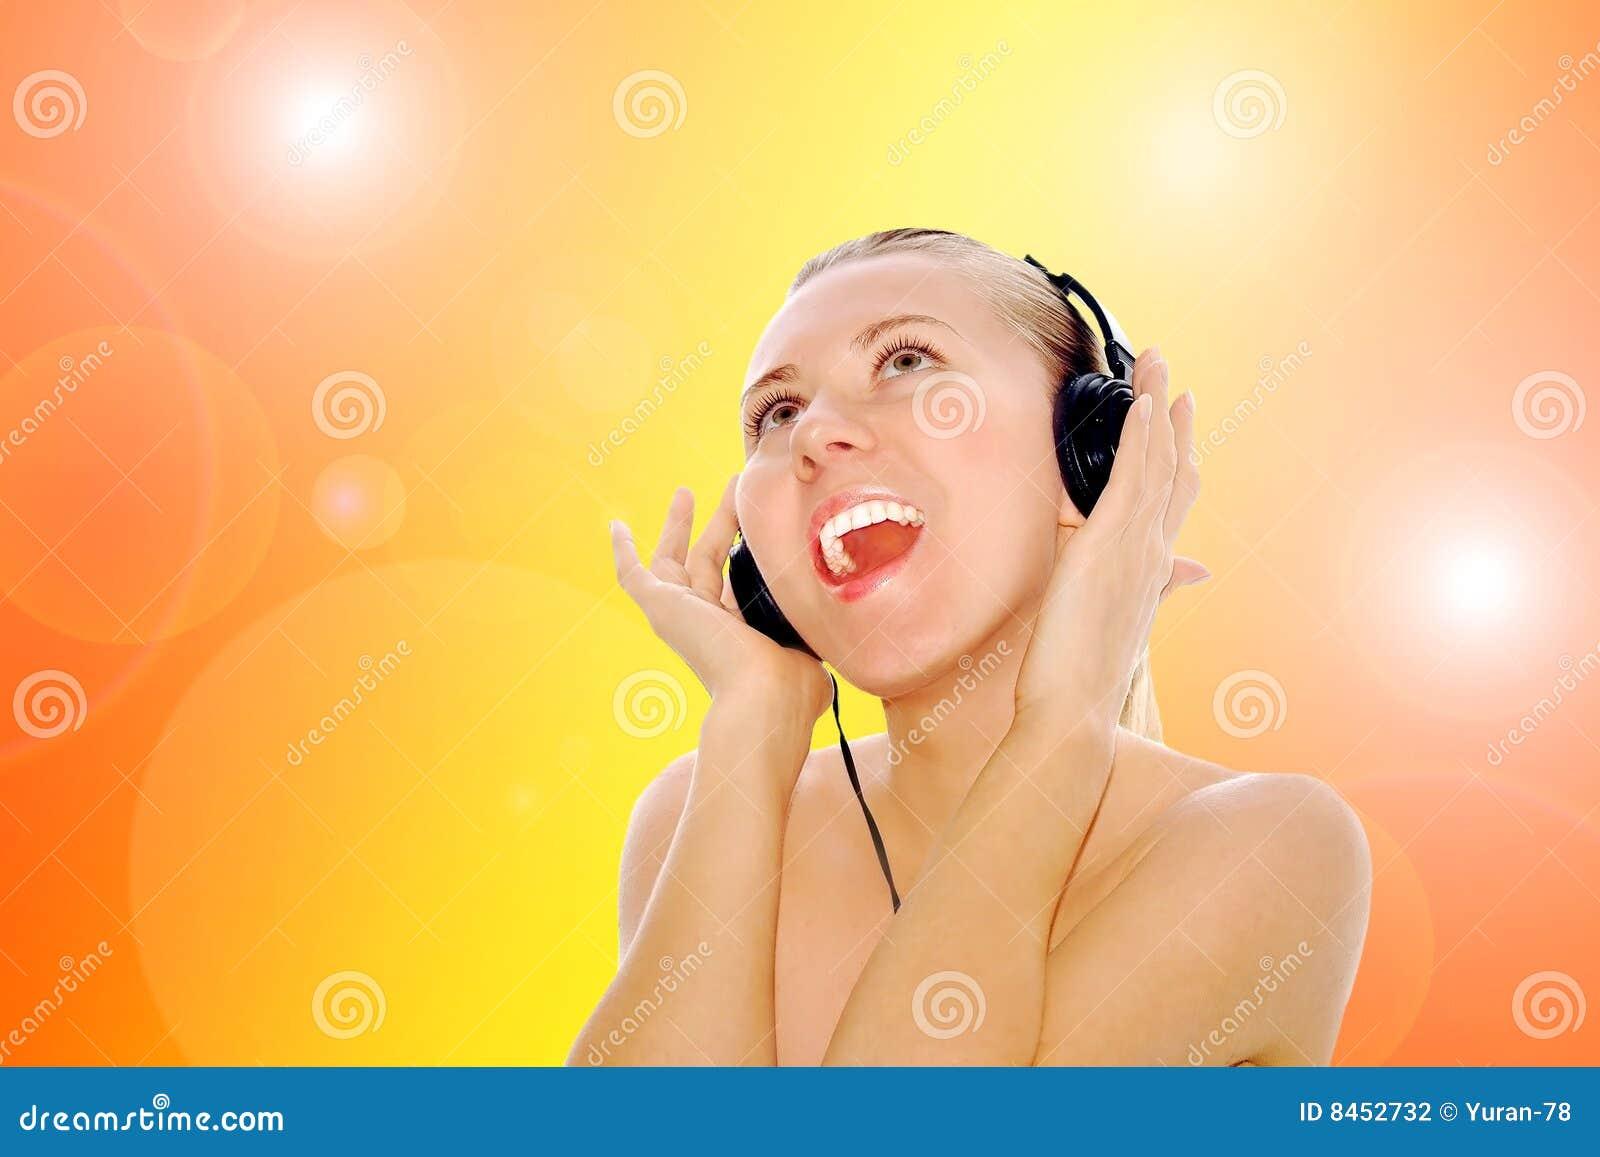 Kvinnor för musik för lyckahörlurar lyssnande